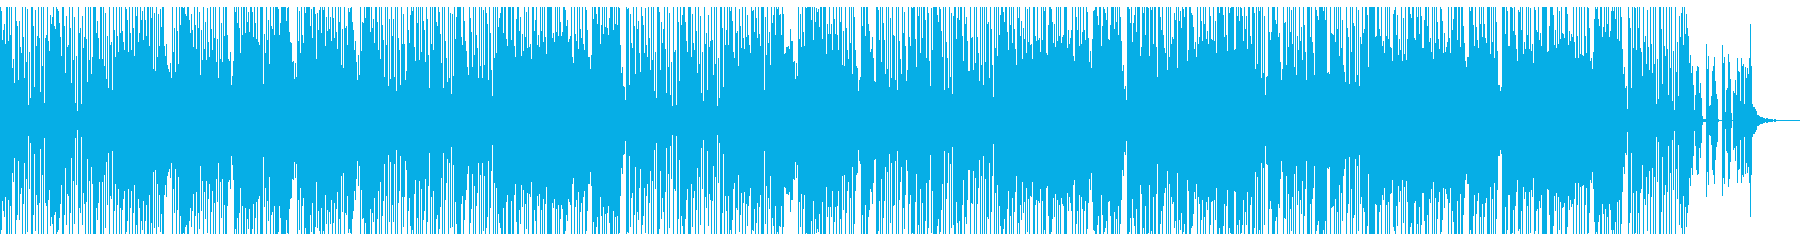 情報系バラエティ番組オープニングBGMの再生済みの波形